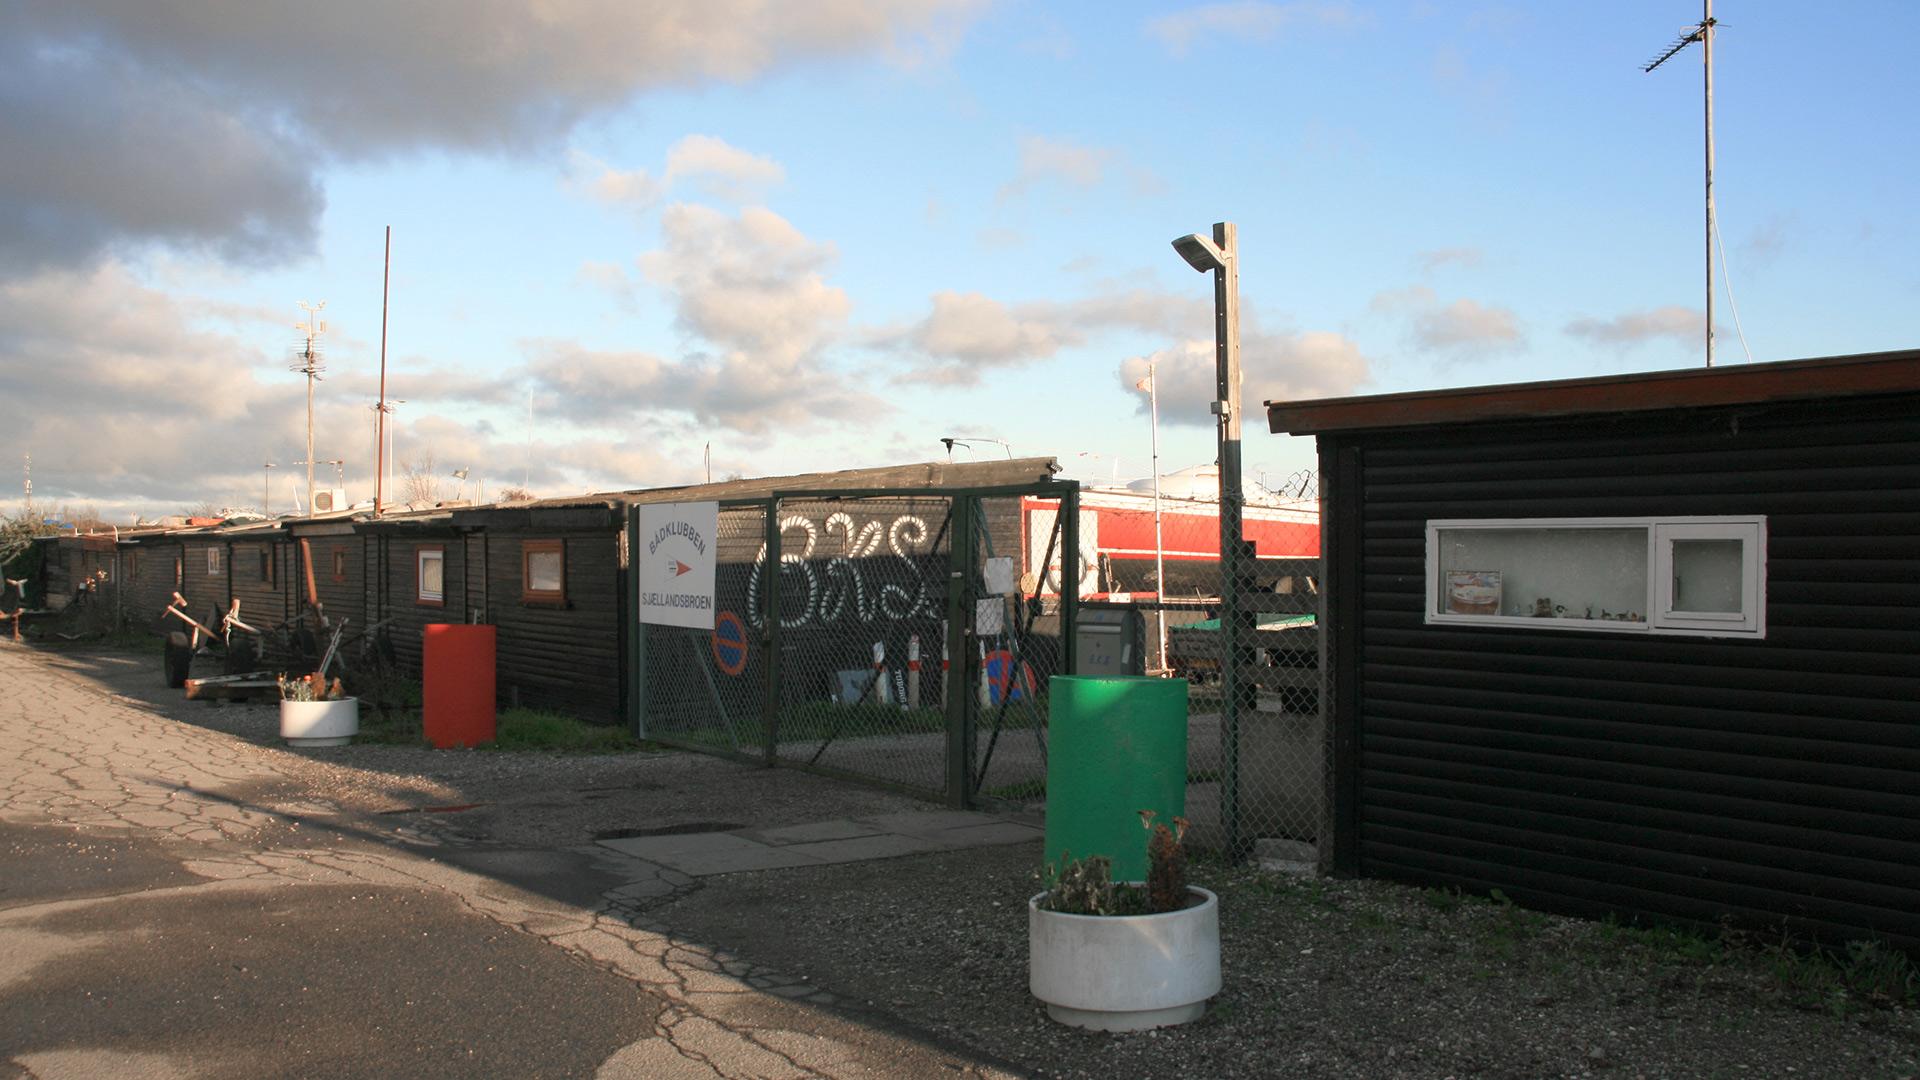 IMG_2794_Sydhavnsklubberne